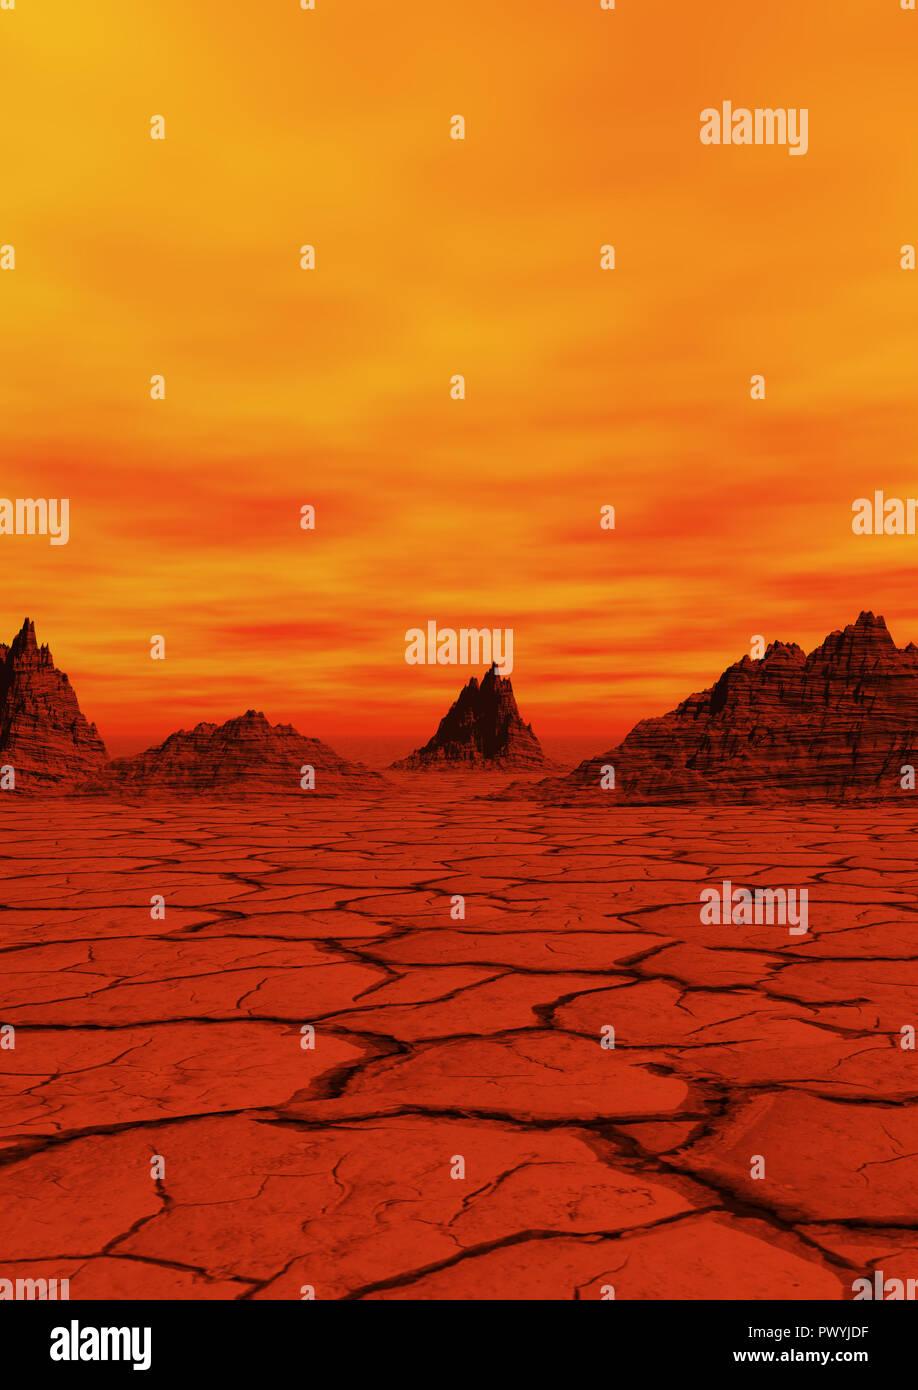 Planète rouge illustration avec la masse du désert Photo Stock